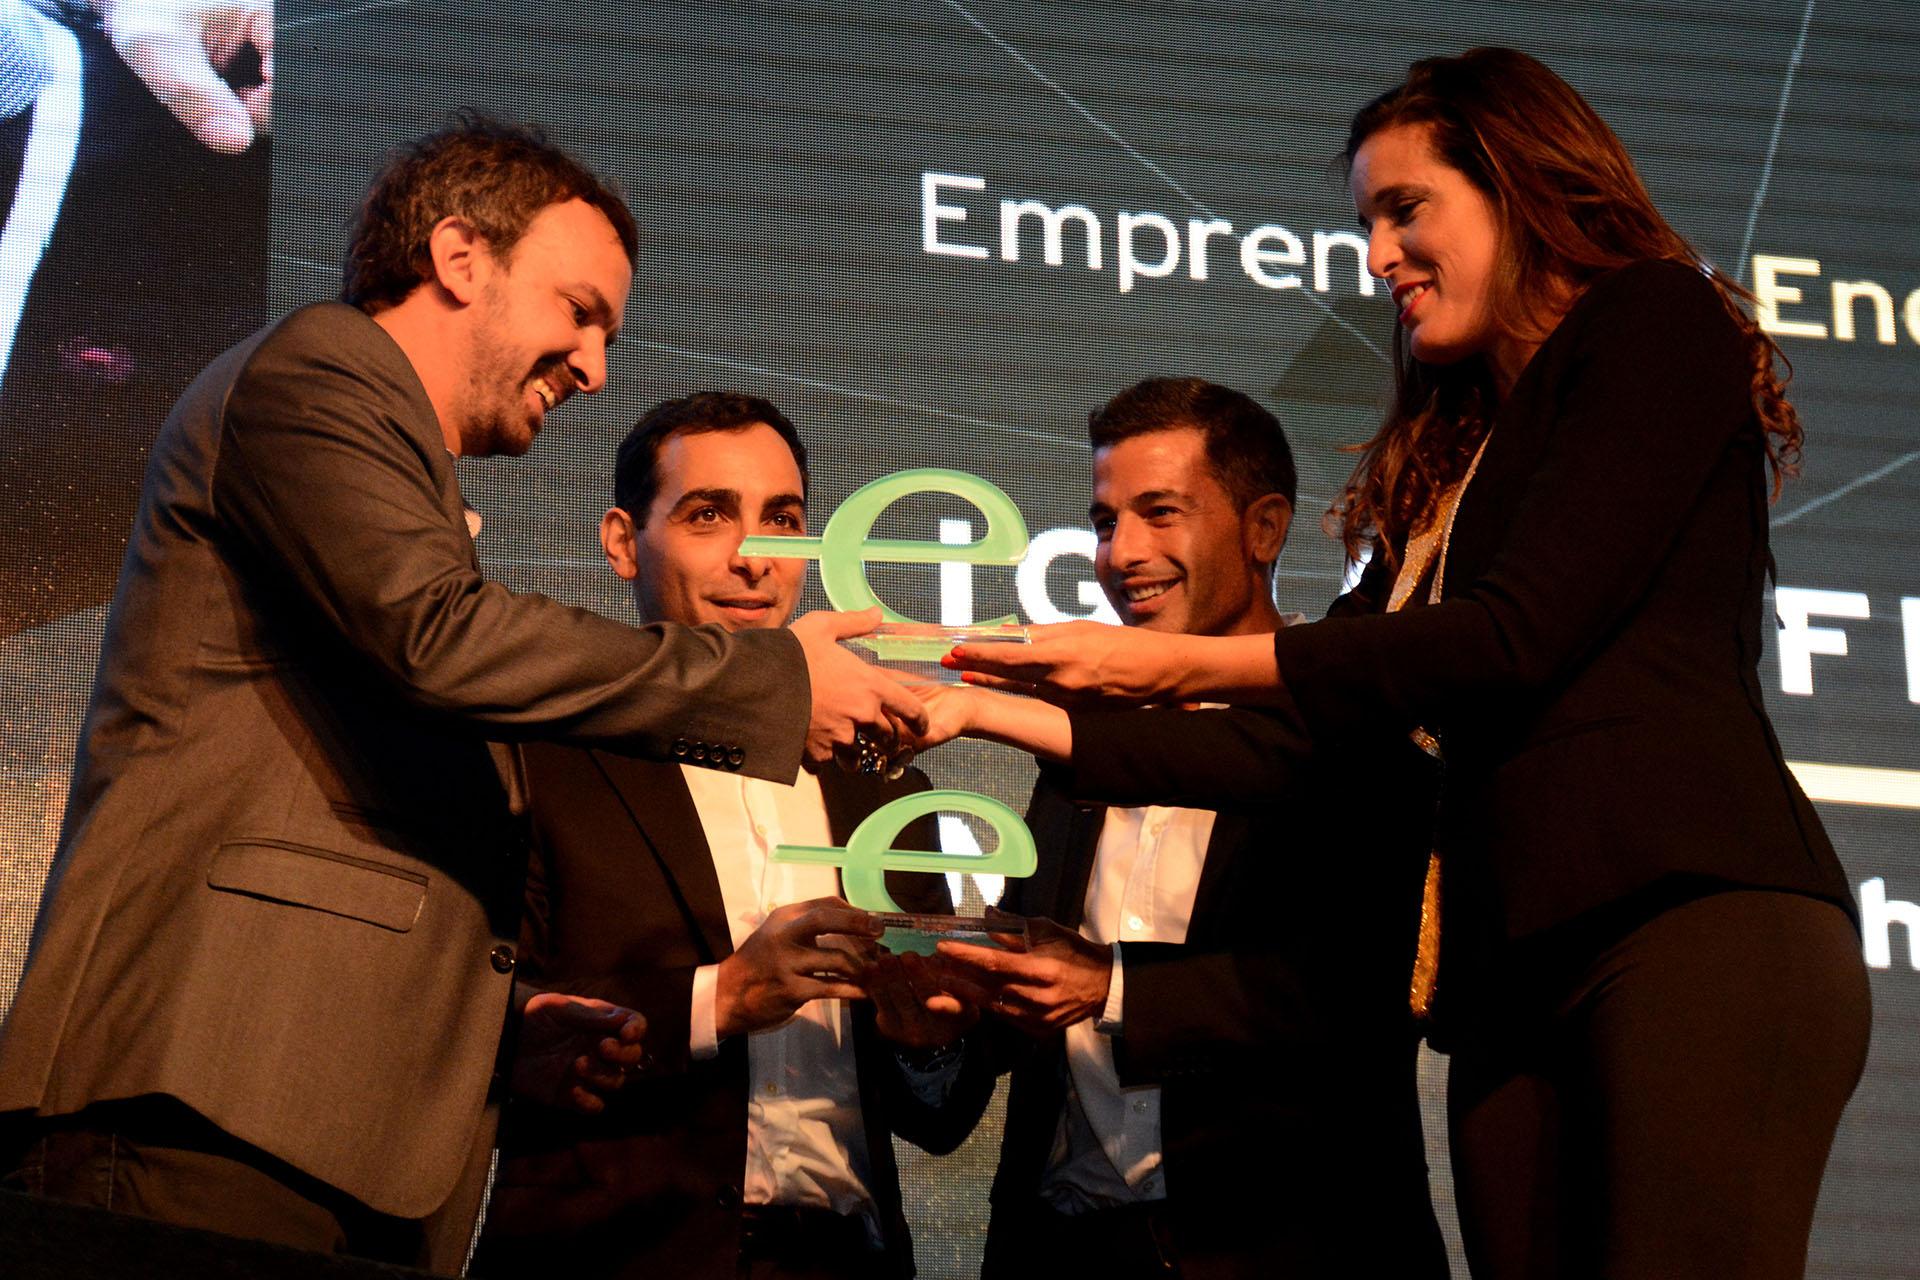 Matías Recchia y Andrés Bernasconi, fundadores de IguanaFix fueron reconocidos con el premio Emprendedor Endeavor 2017